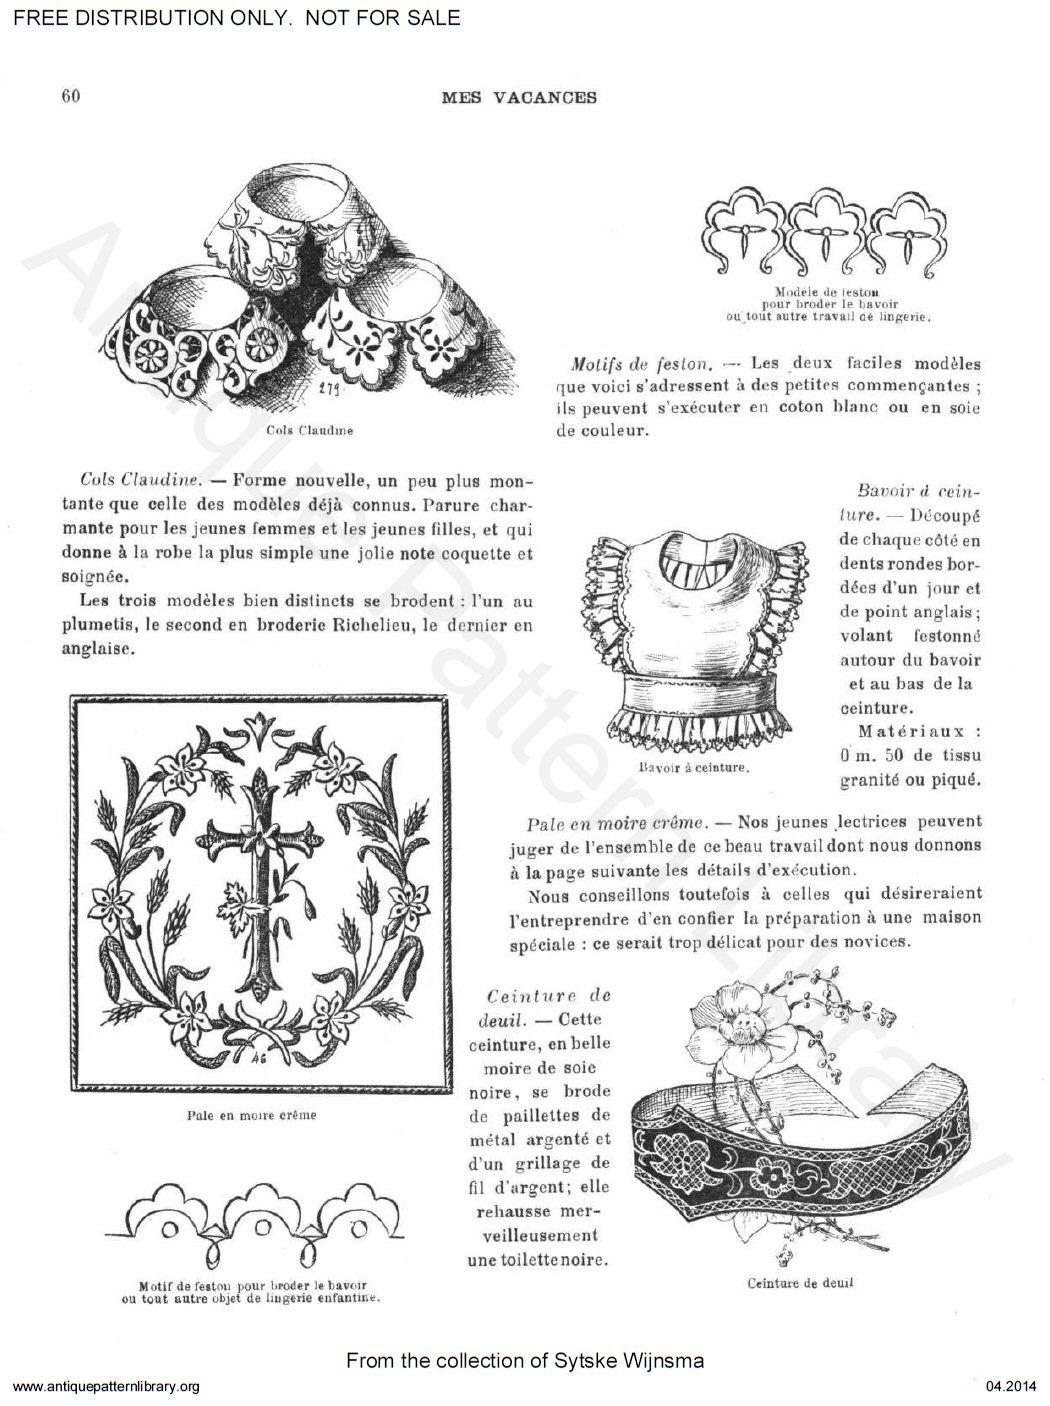 Un Toilette Ou Une Toilette apl - page 55